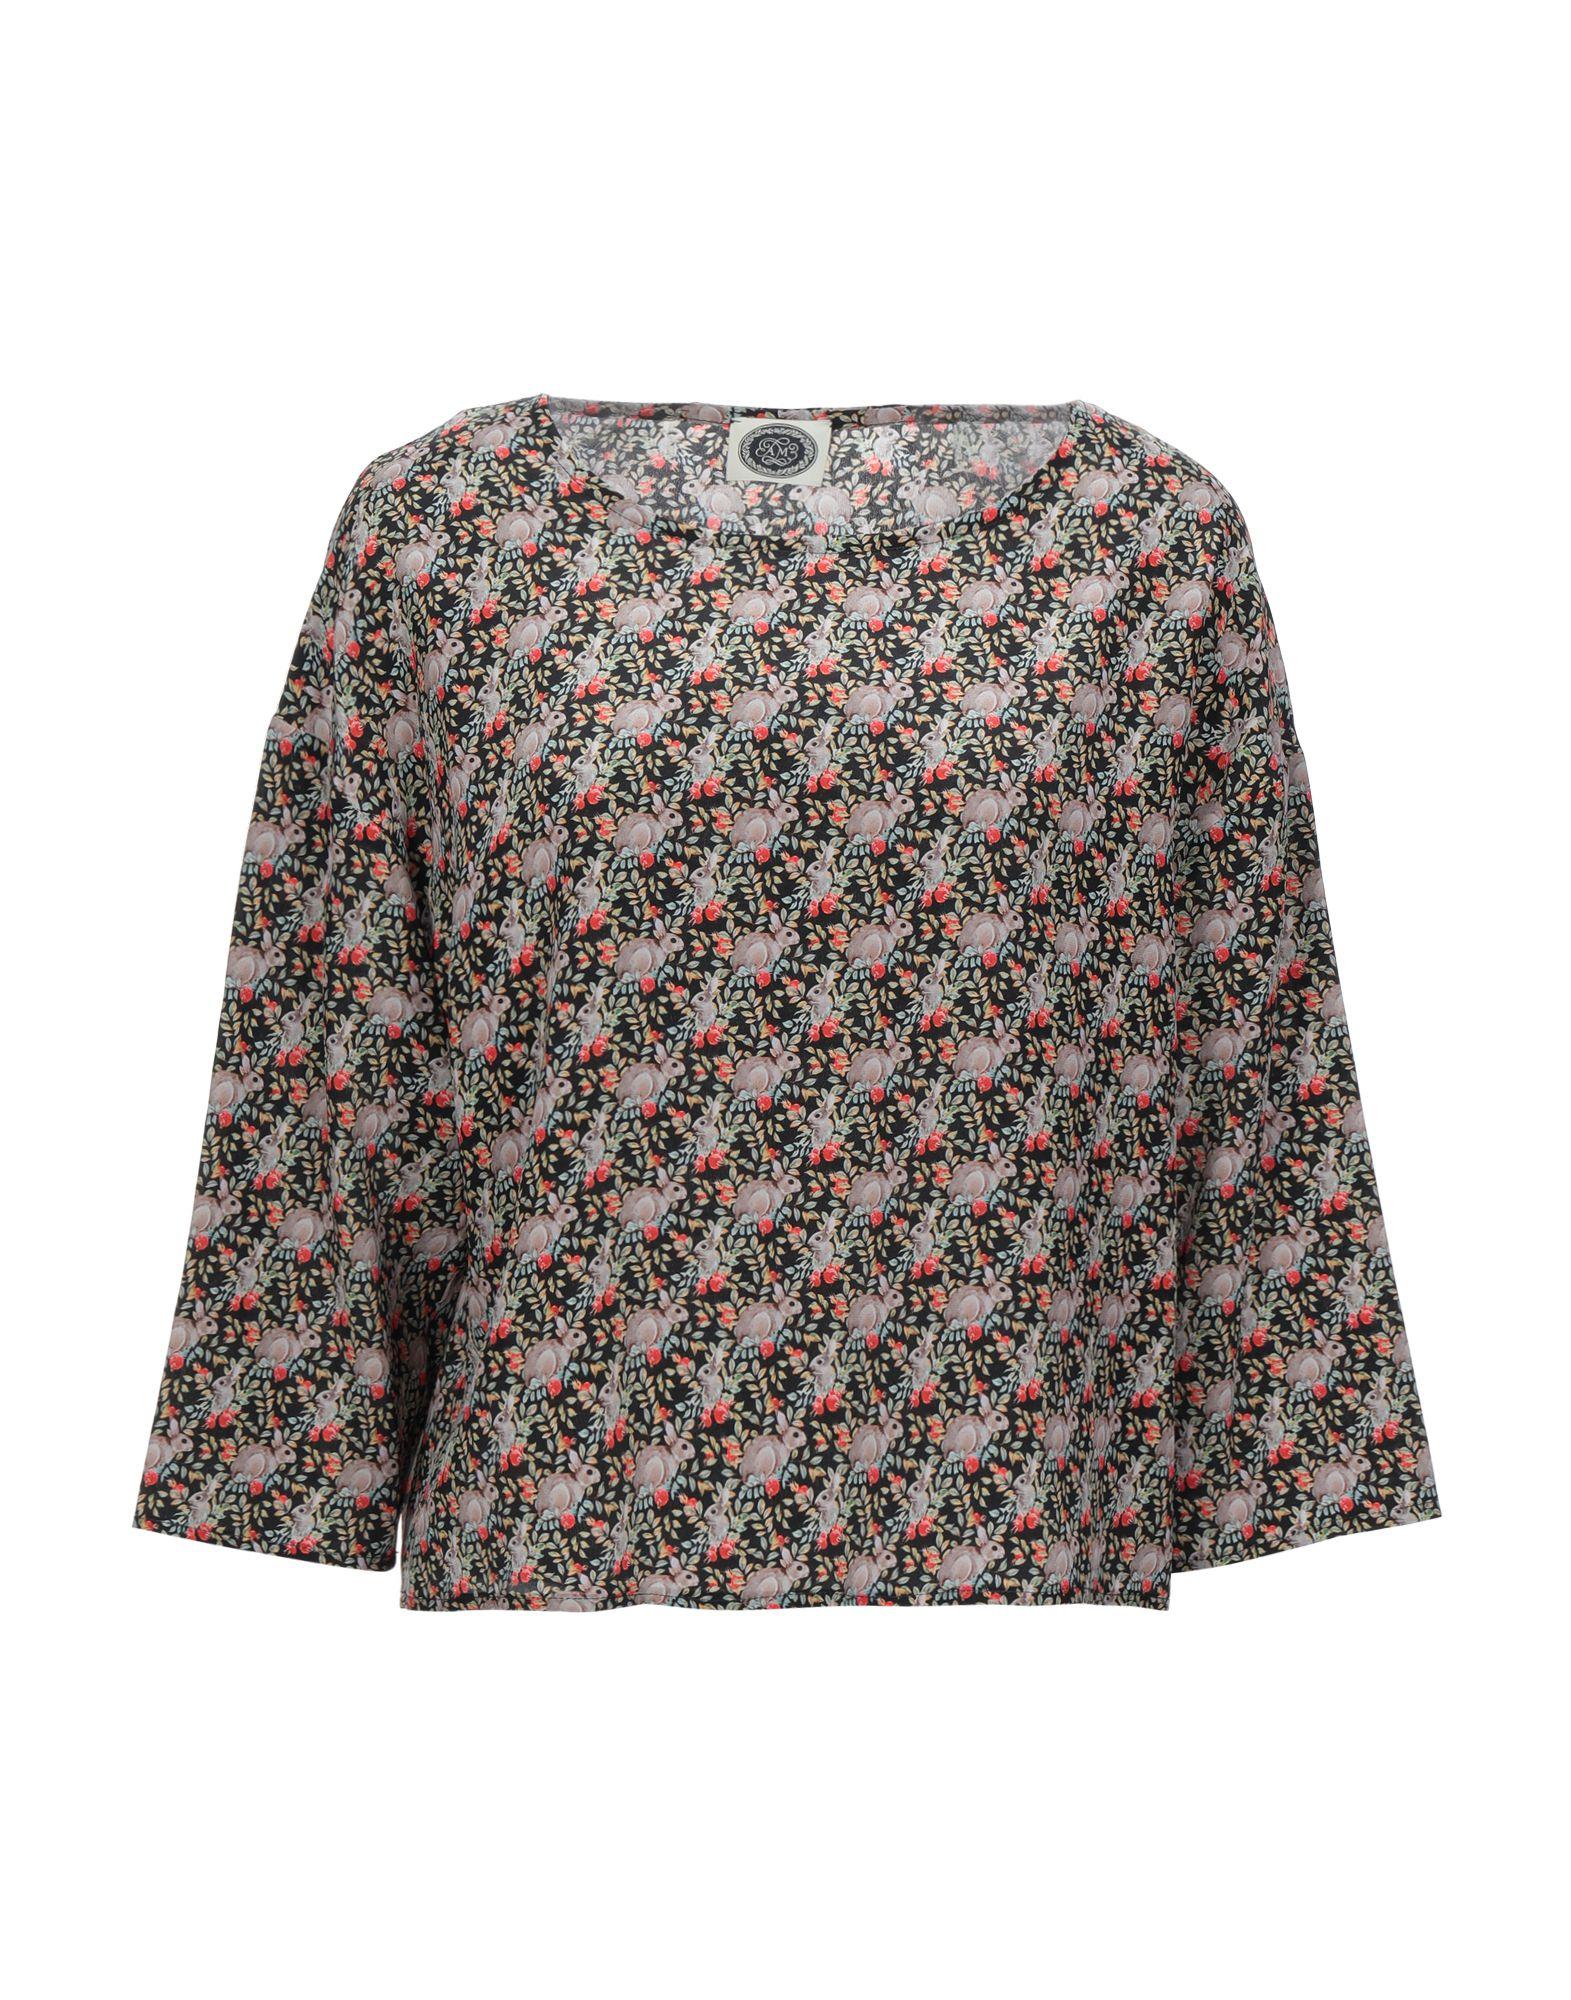 AM Блузка шифоновая блузка в цветочный принт